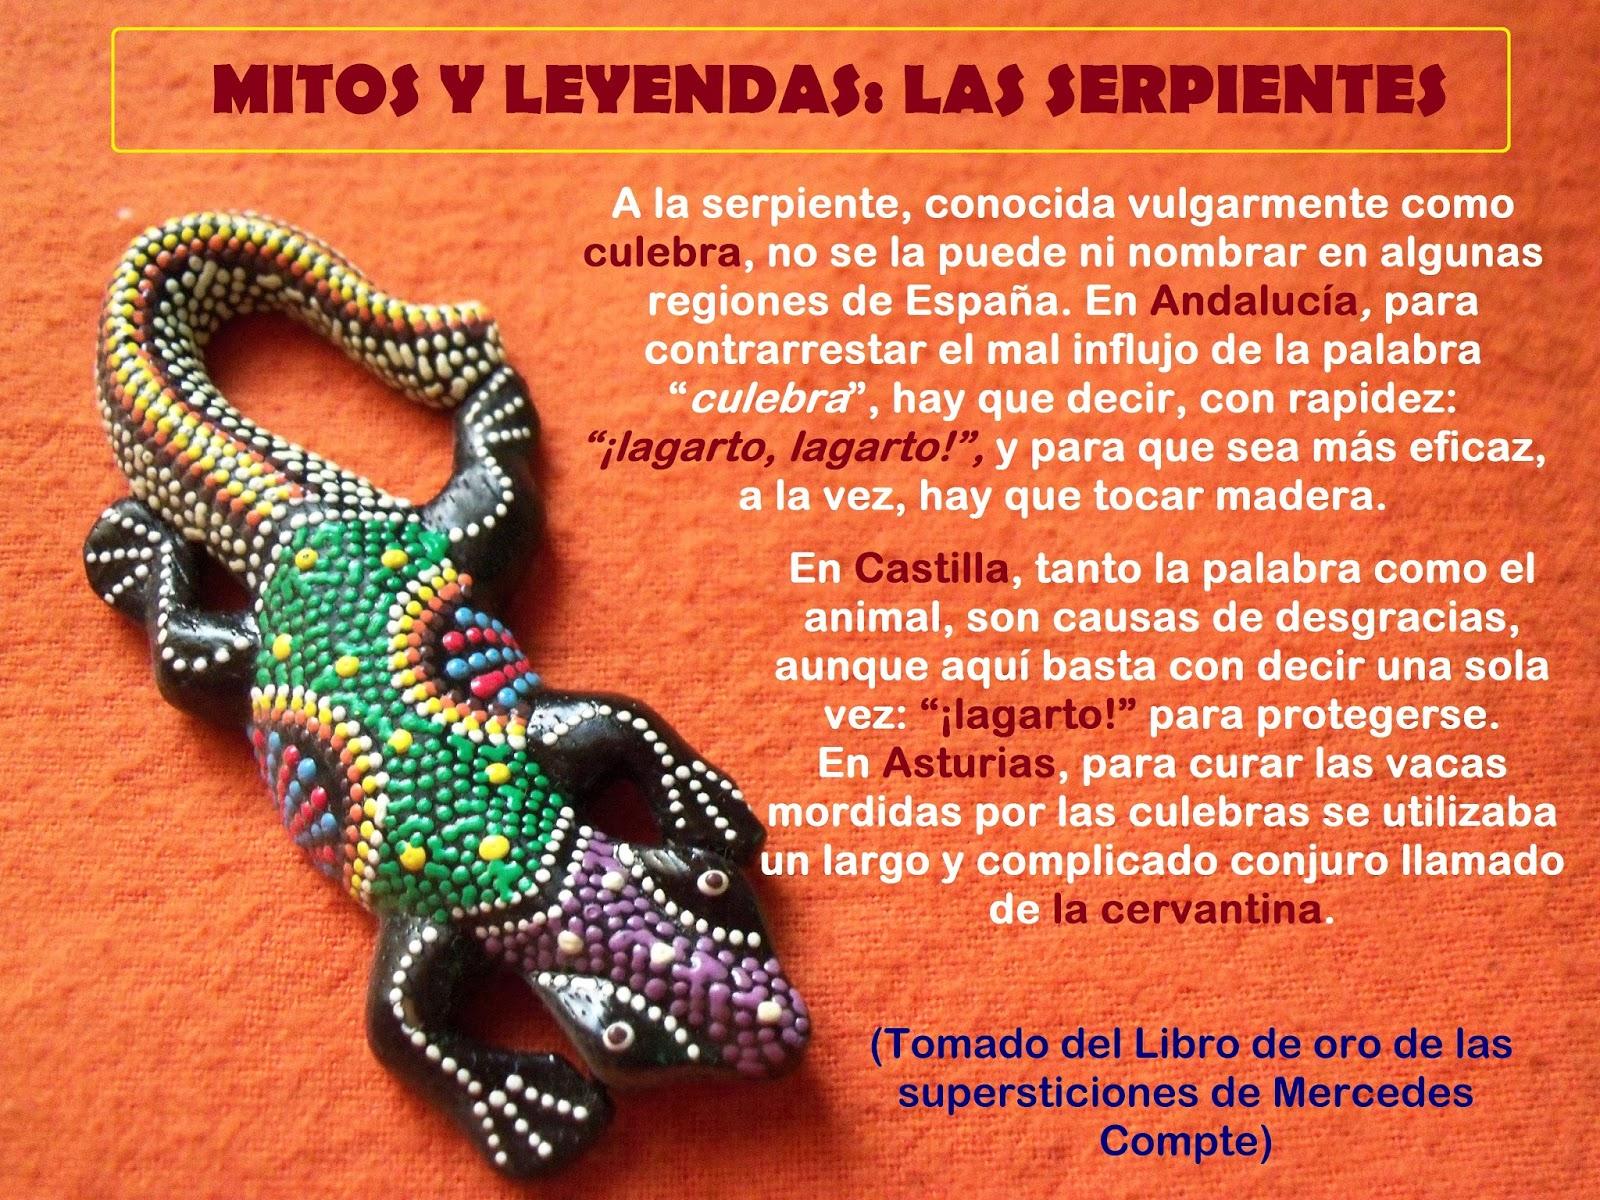 Caminos Y Senderos Espa Oles Mitos Y Leyendas Las Serpientes # Muebles Marga Getafe